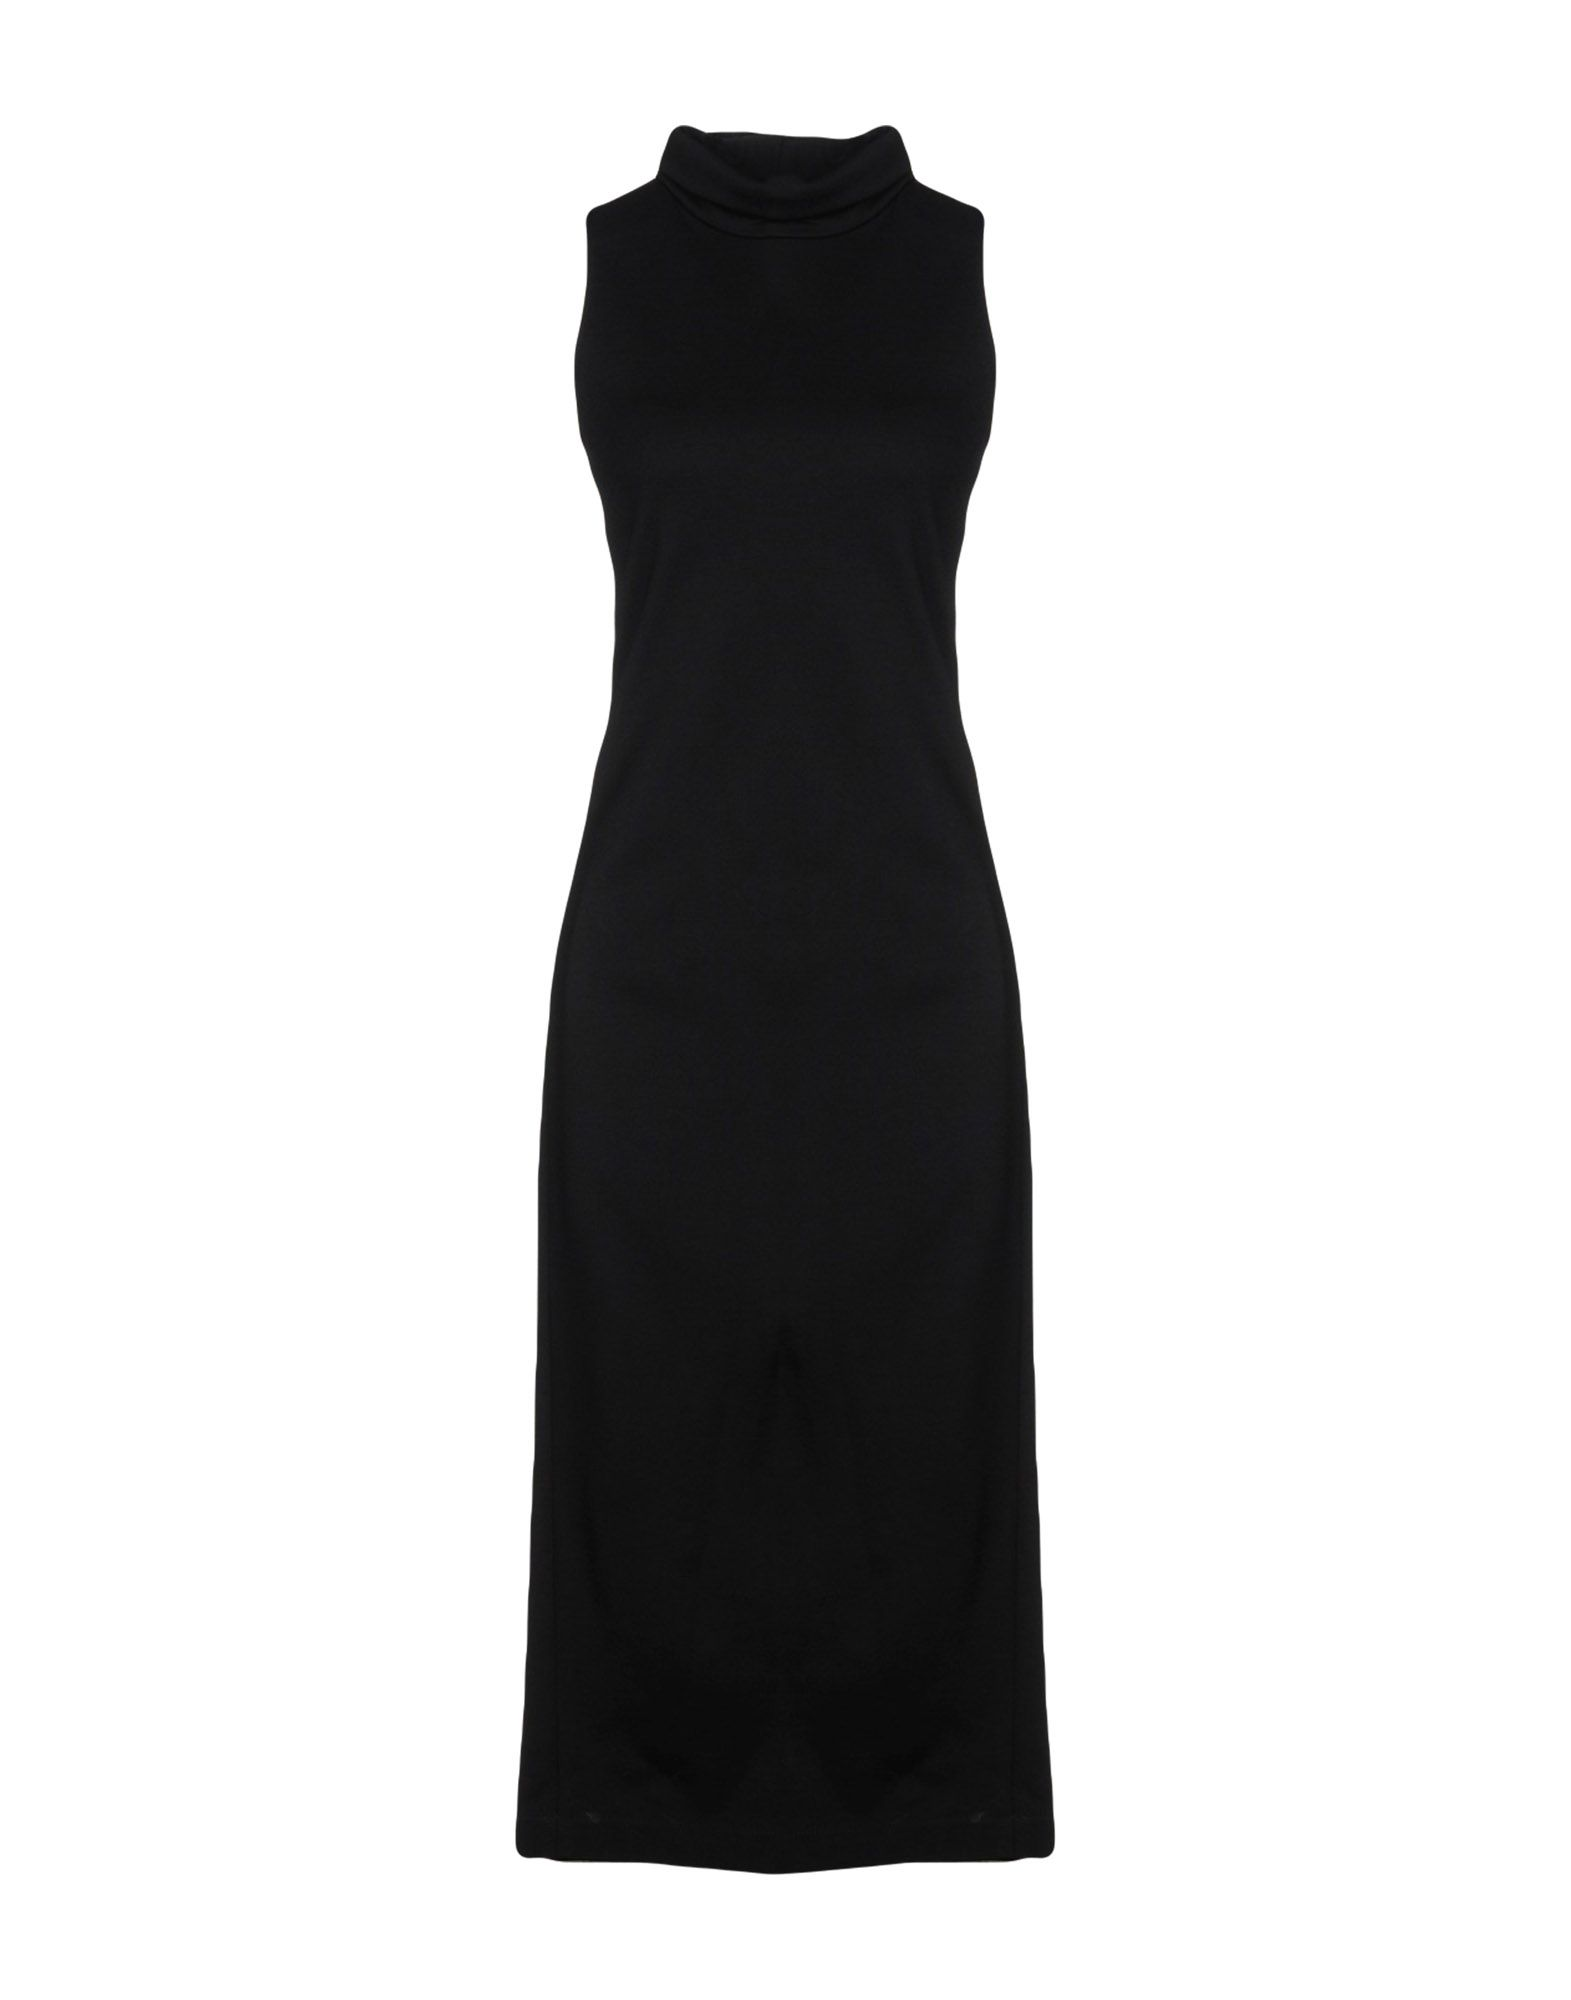 FRACOMINA Платье длиной 34